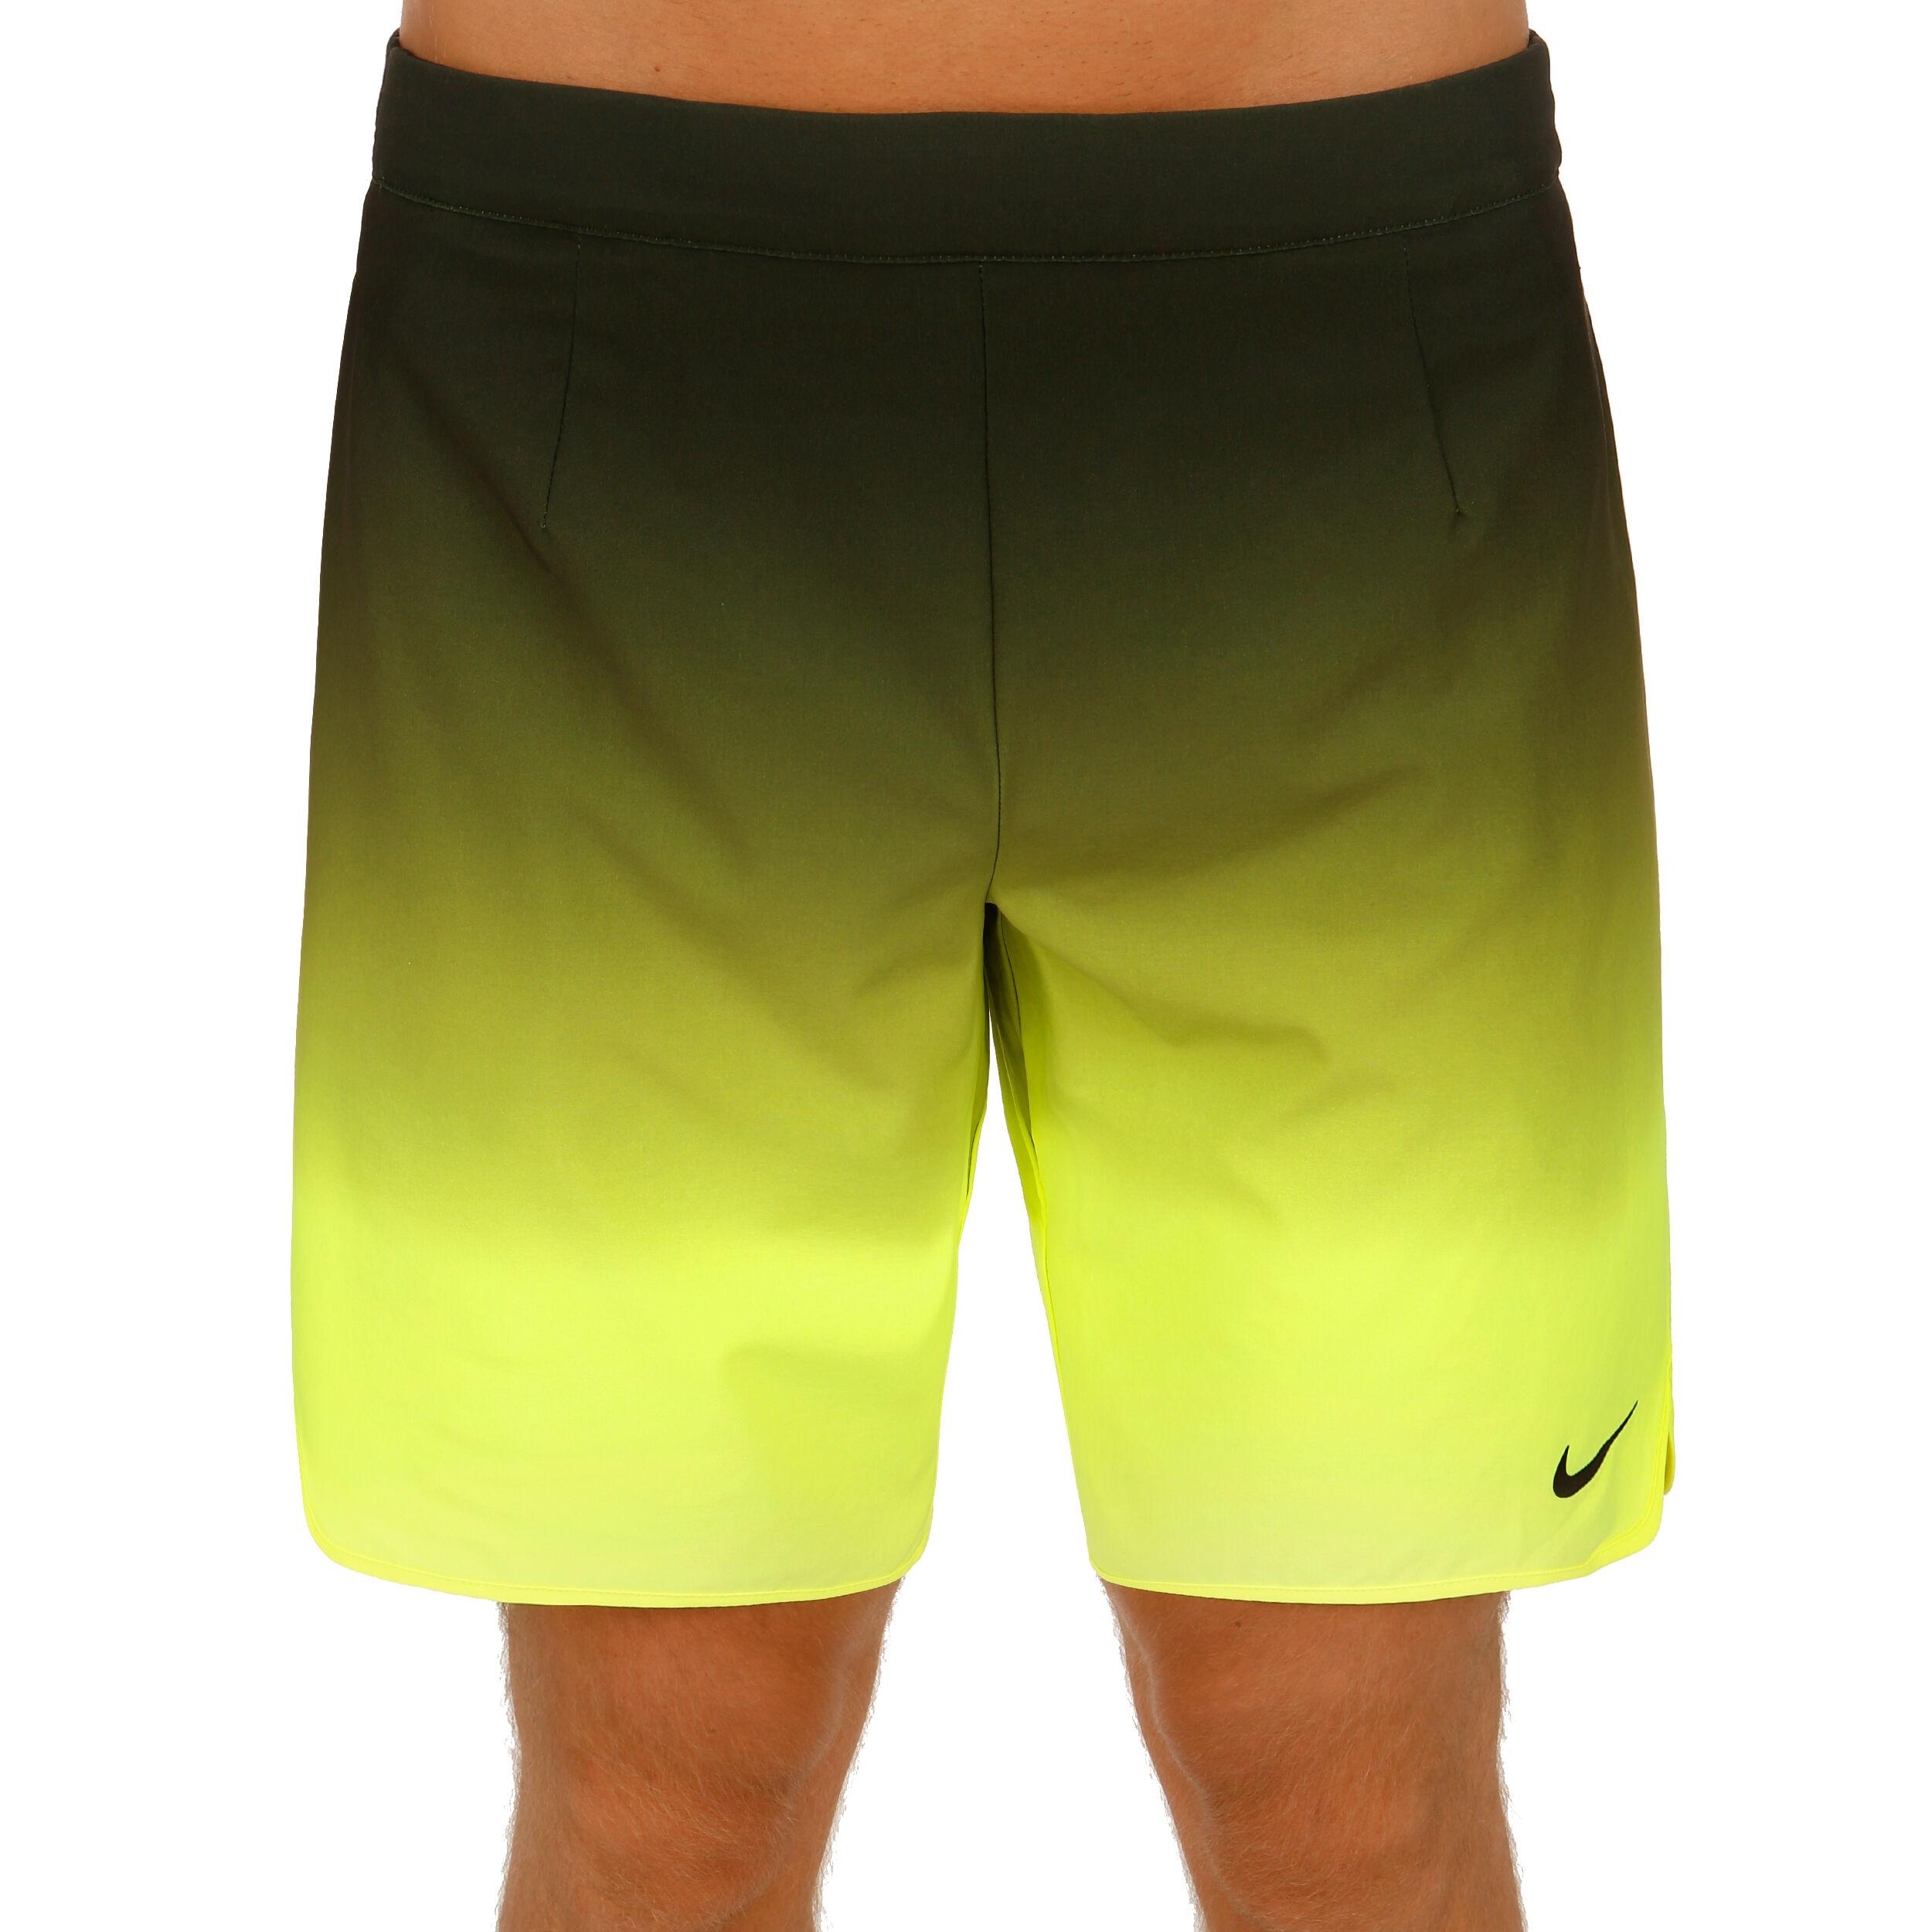 Nike Premier Gladiator 9